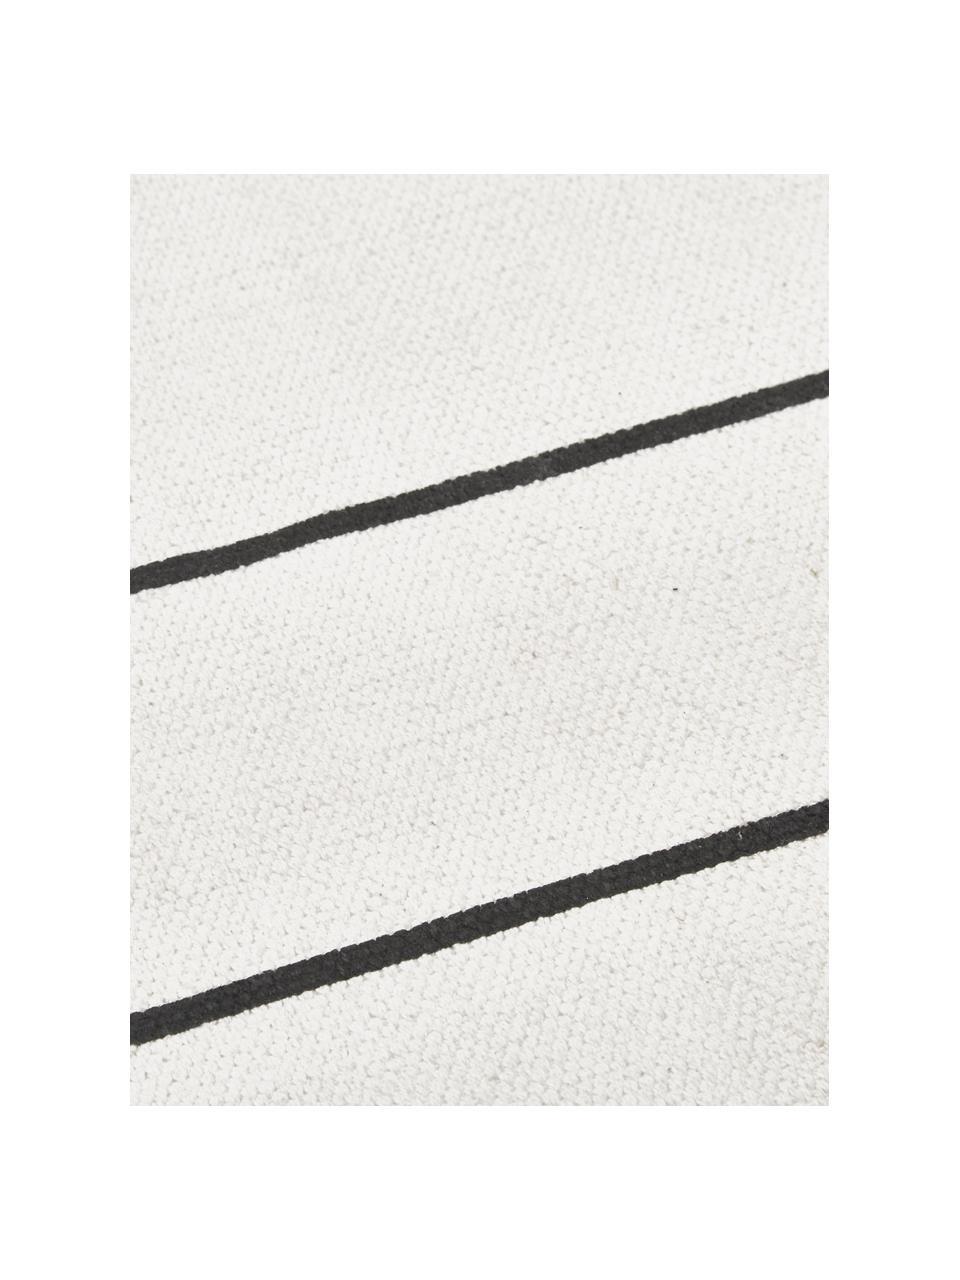 Tappeto in cotone tessuto a mano David, 100% cotone, Bianco latteo, nero, Larg. 200 x Lung. 300 cm (taglia L)